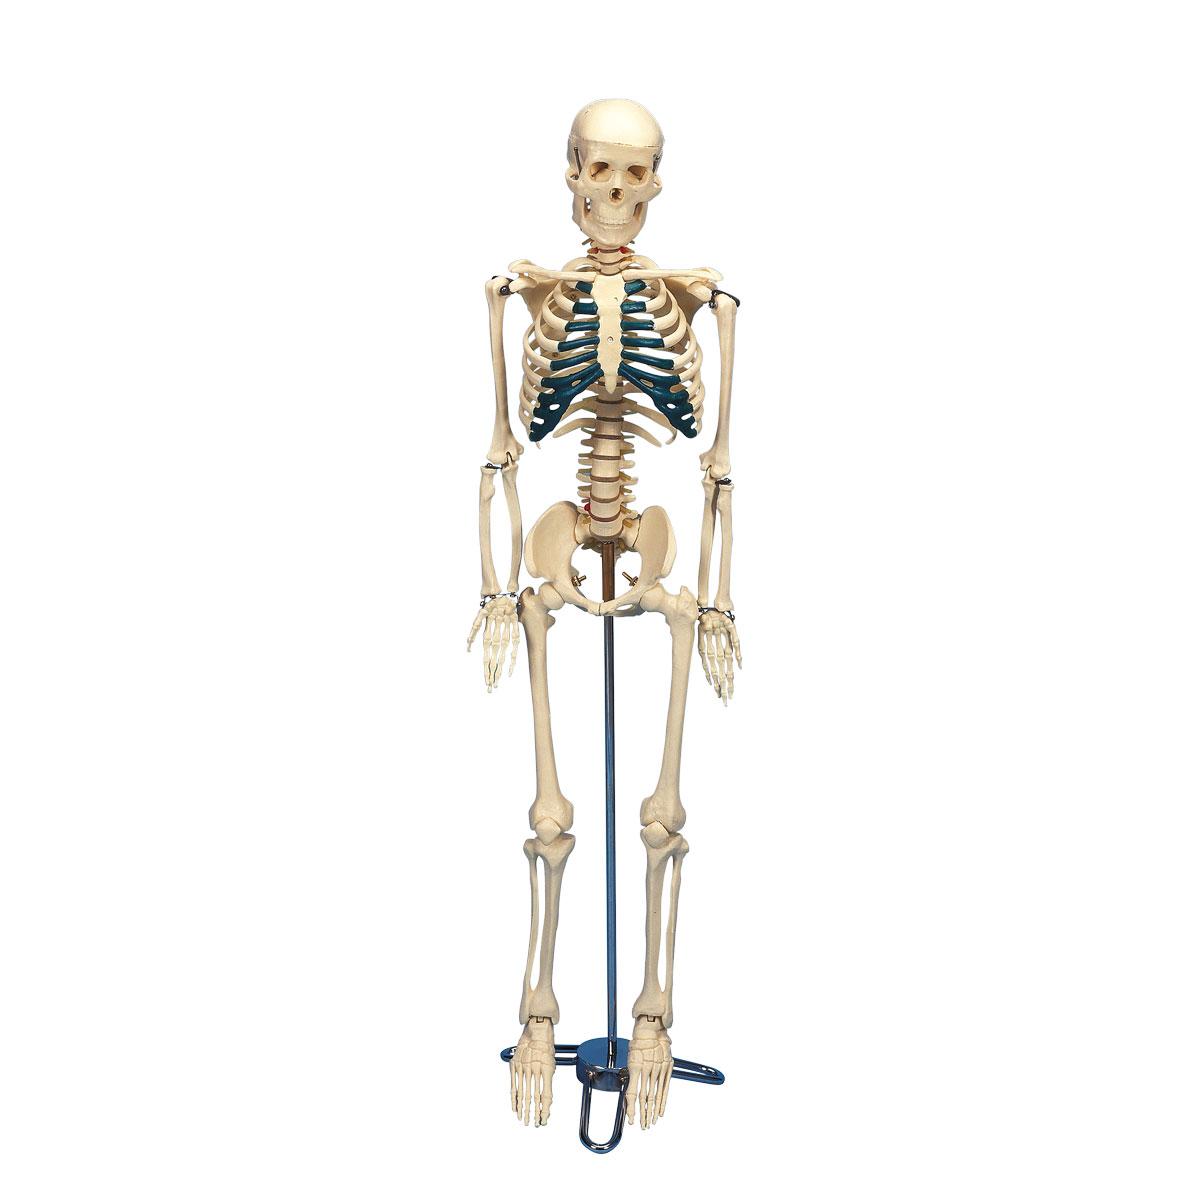 Schreibtisch-Skelett - 1005457 - W33000 - Mini-Skelette - 3B Scientific